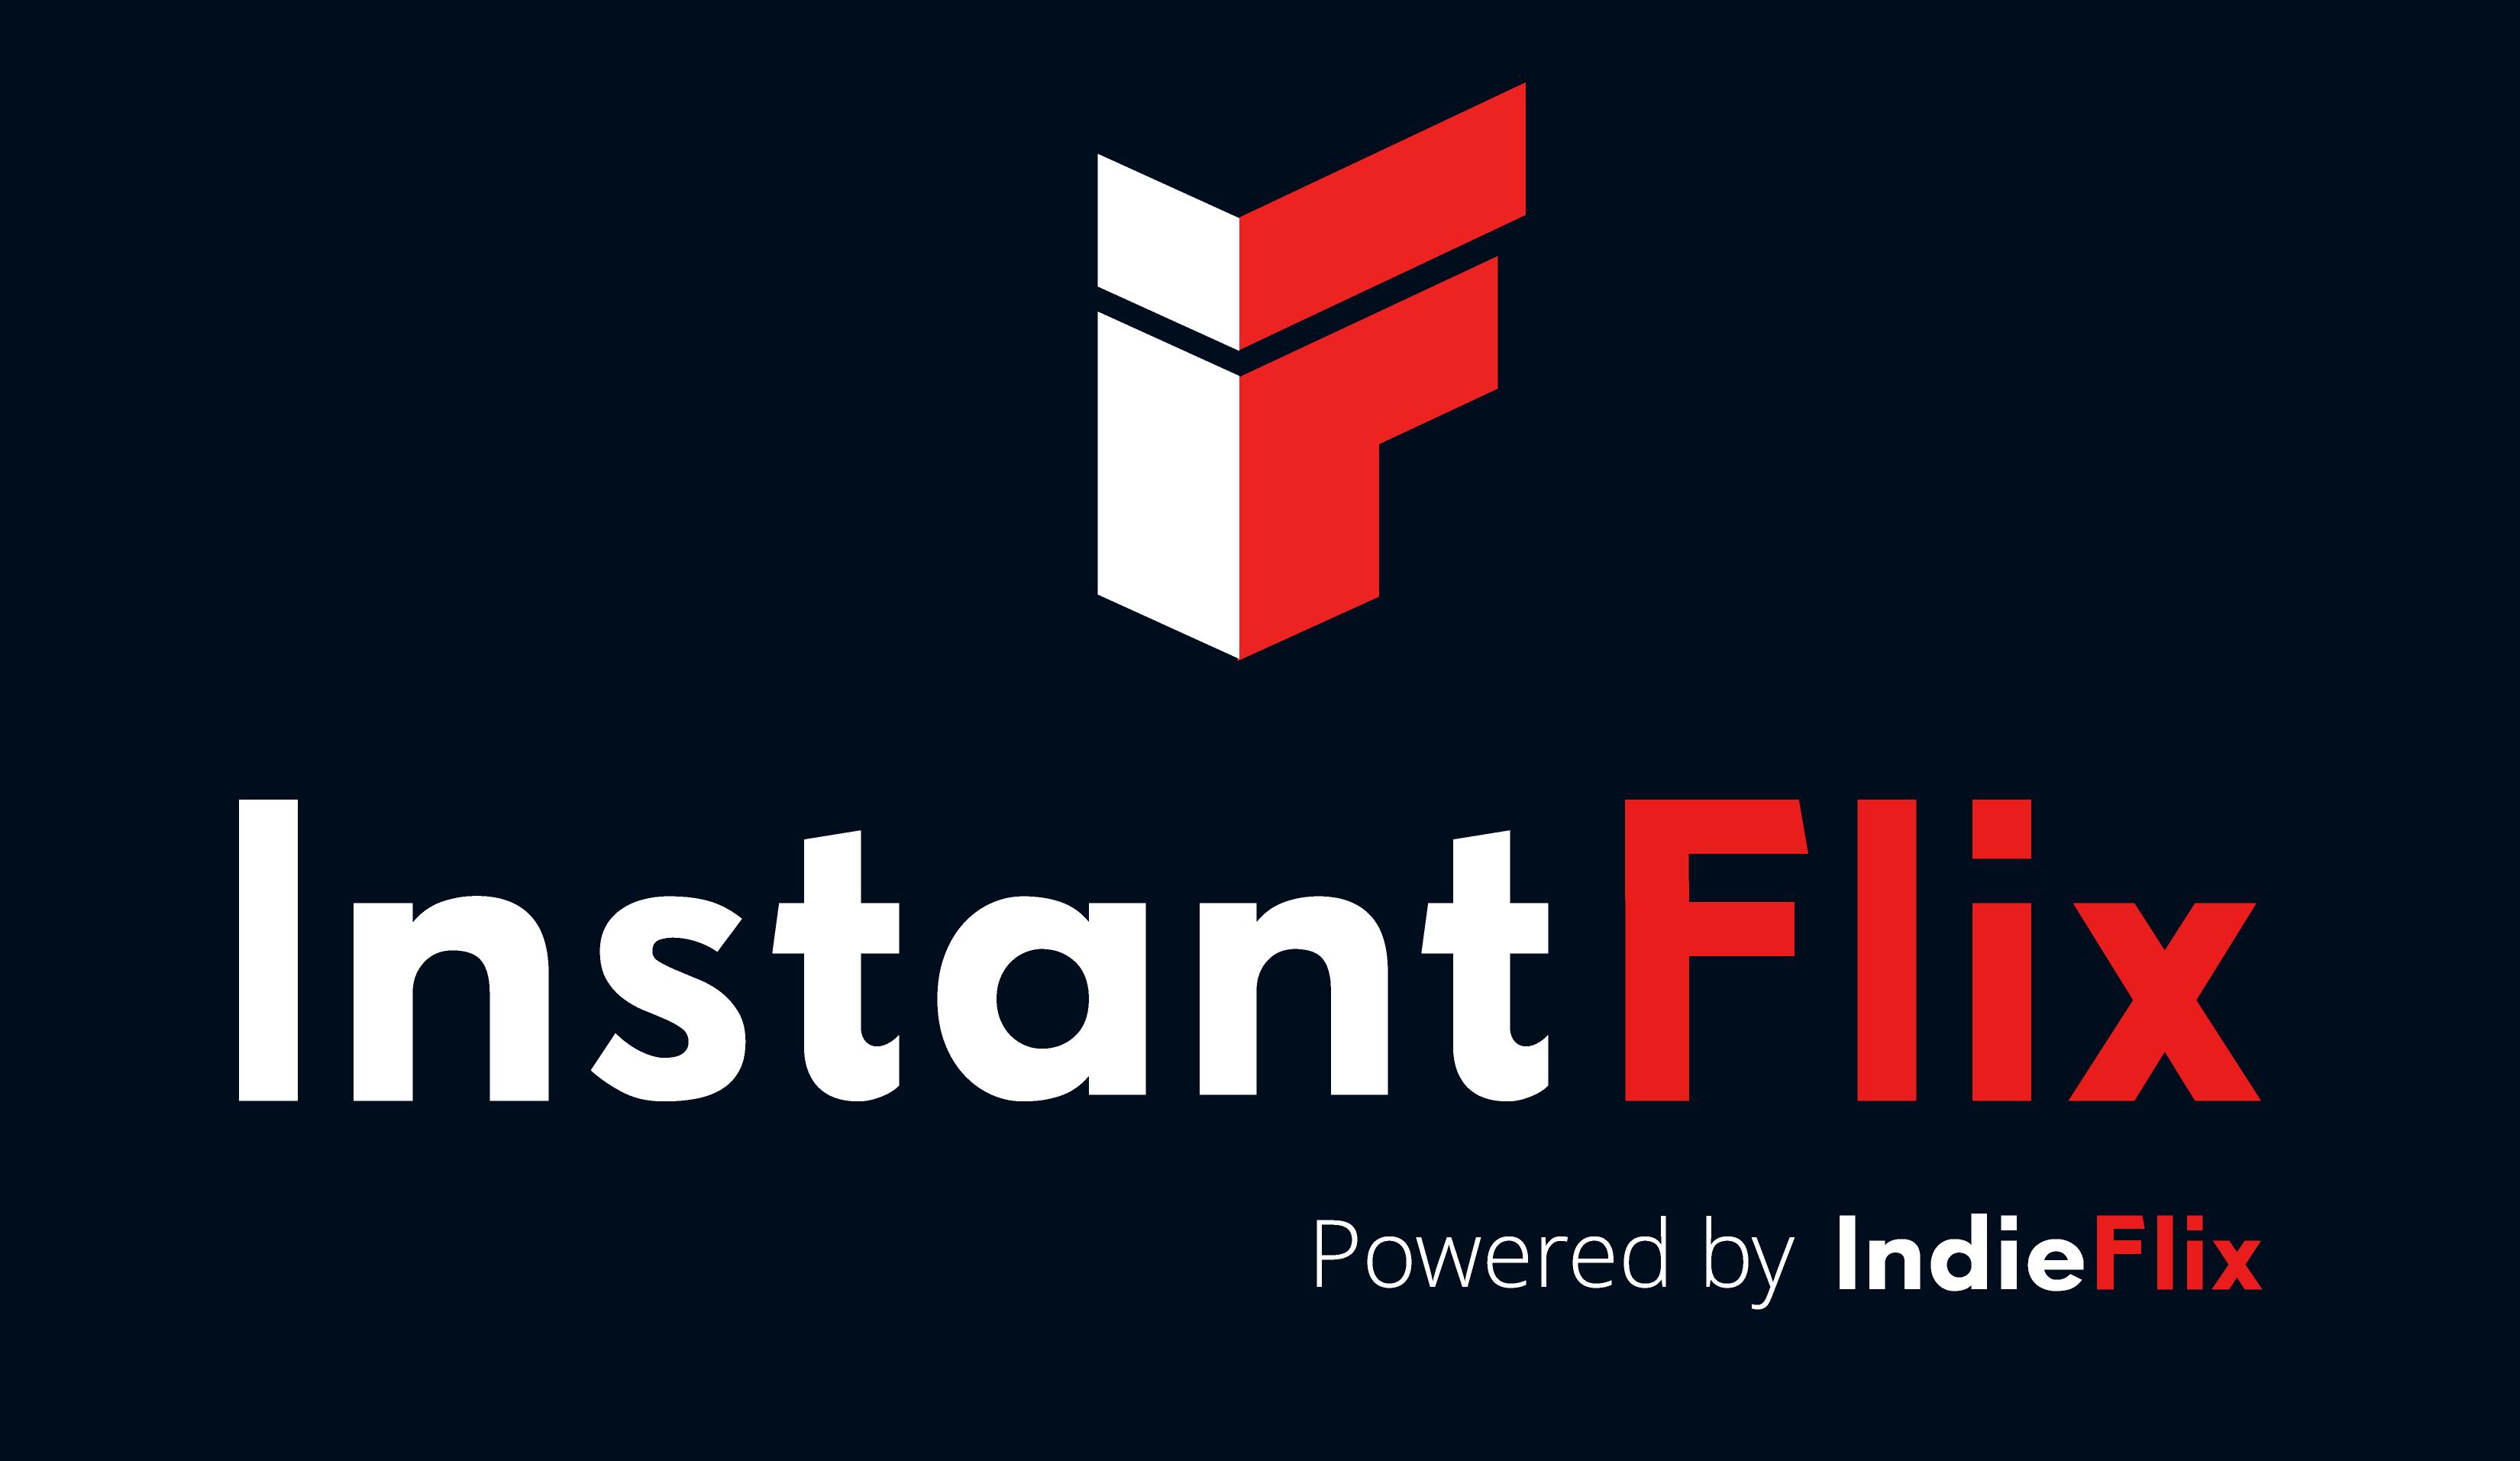 InstantFlix